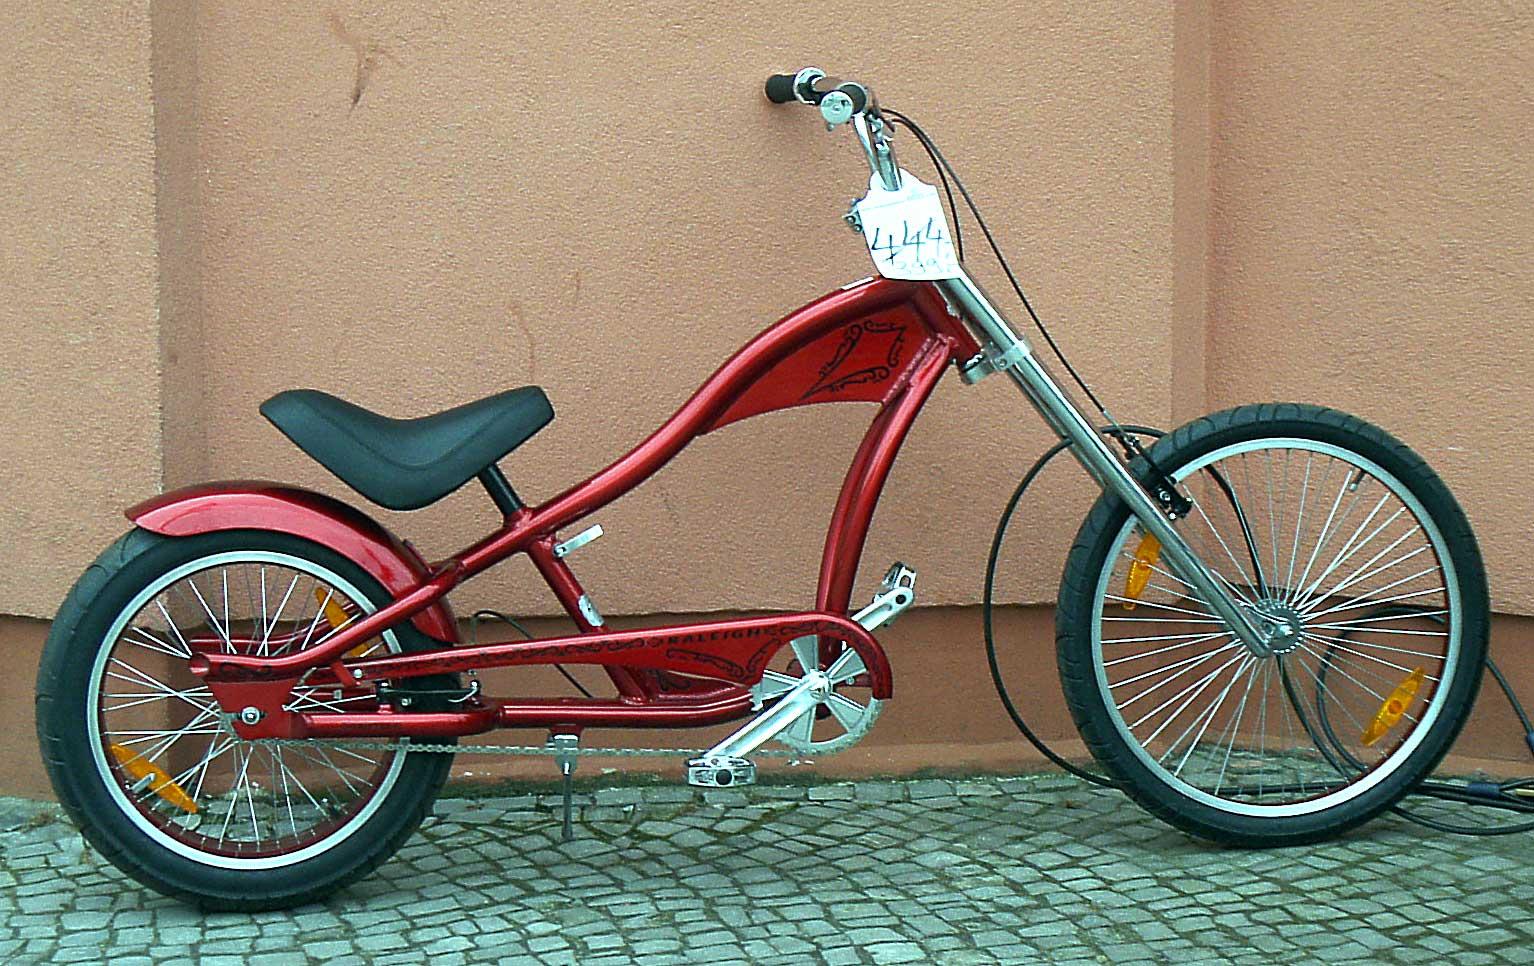 fahrradtypen fahrrad wiki hersteller bauteile anleitungen reparieren kaufberatung. Black Bedroom Furniture Sets. Home Design Ideas